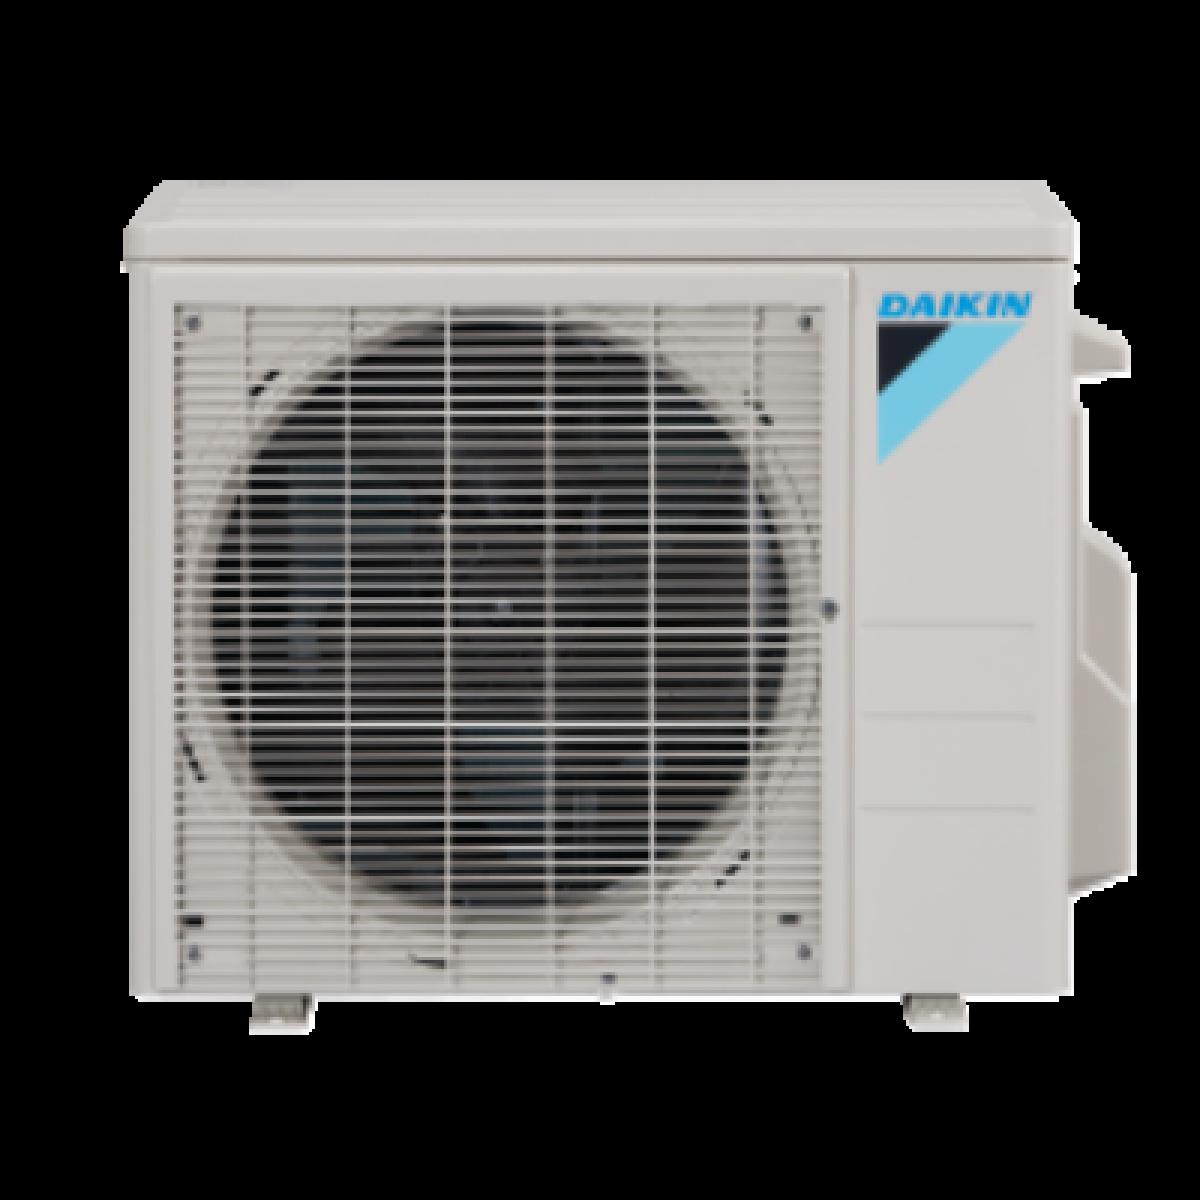 Daikin 18k btu heat pump condenser rxn18nmvju outdoor for Outdoor ac unit pad